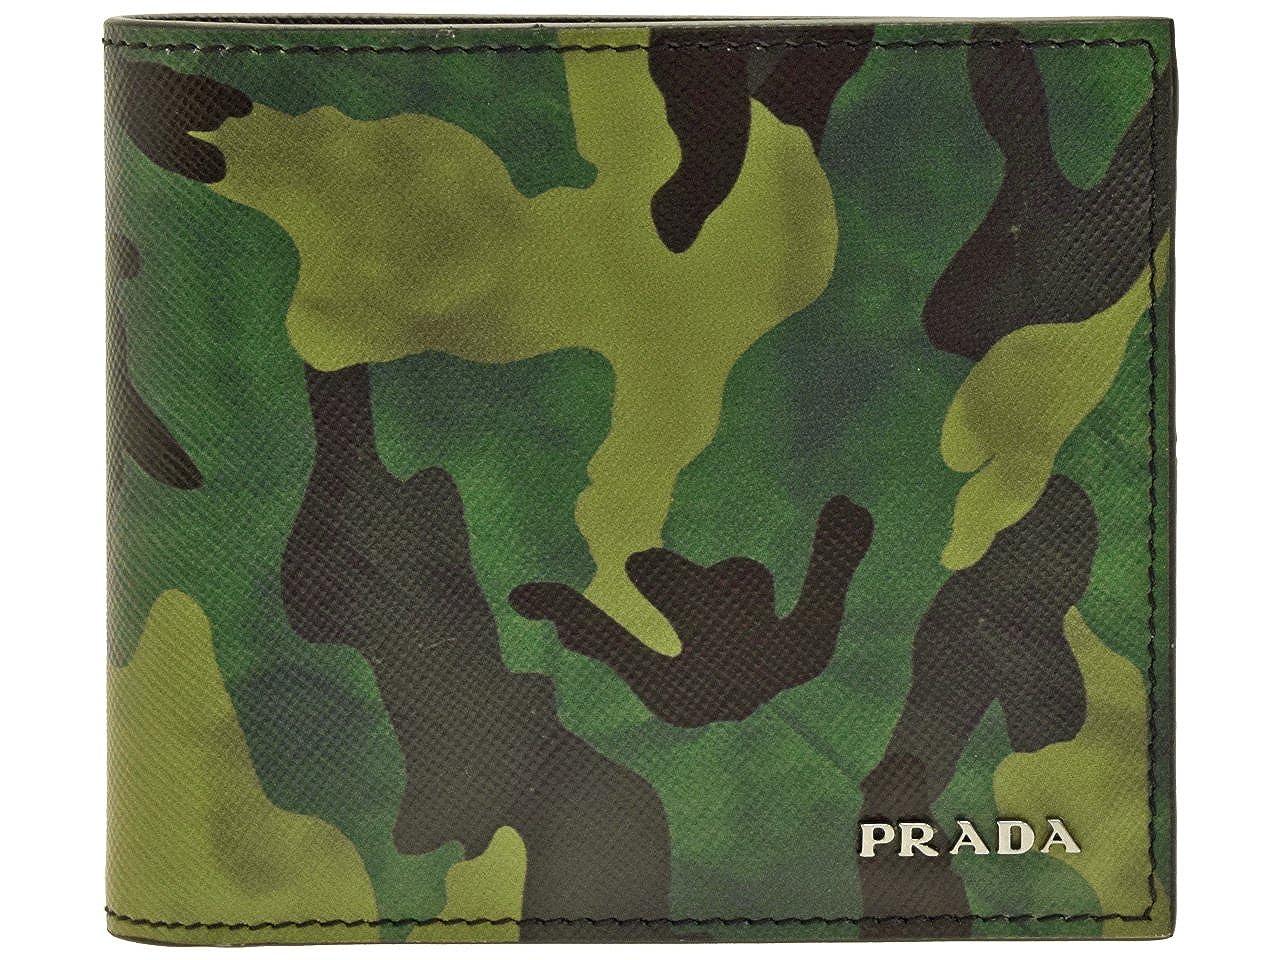 (プラダ) PRADA 財布 二つ折り メンズ ナイロン カモフラージュ 迷彩 2MO738 アウトレット [並行輸入品] B07C4QQ6W6